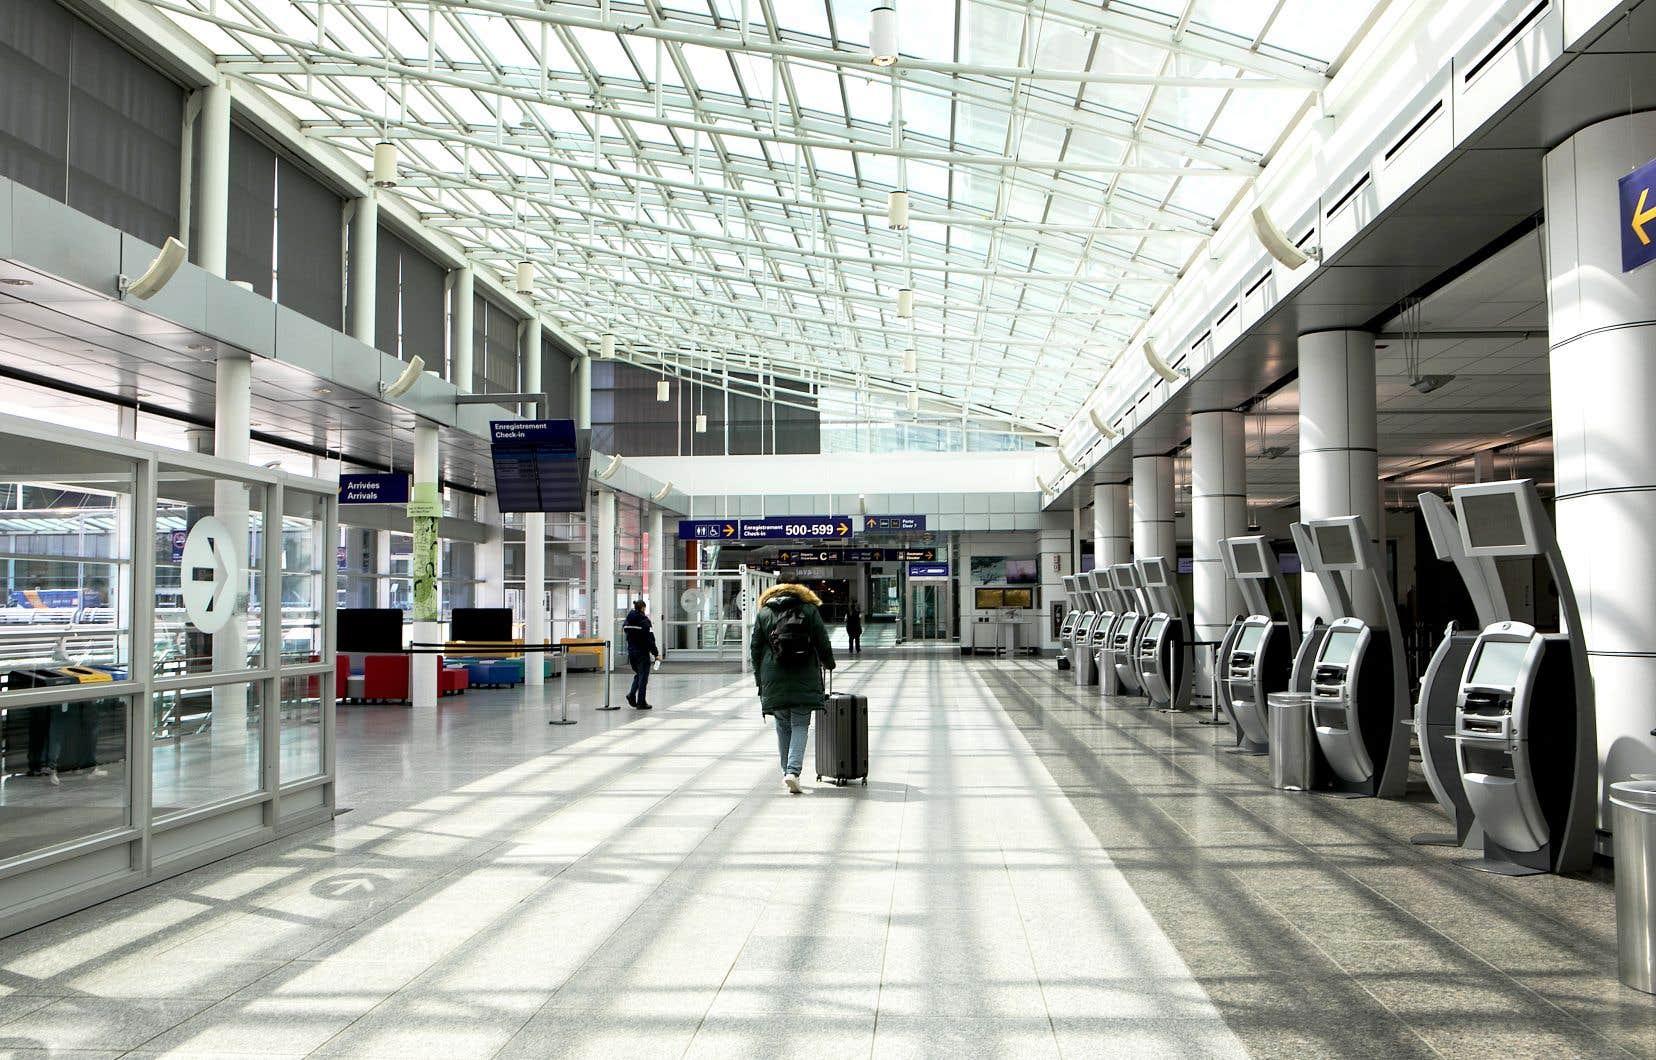 Le volume de passagers en octobre 2020 était de 85,5% inférieur à celui d'octobre 2019, indique le Conseil des aéroports du Canada.